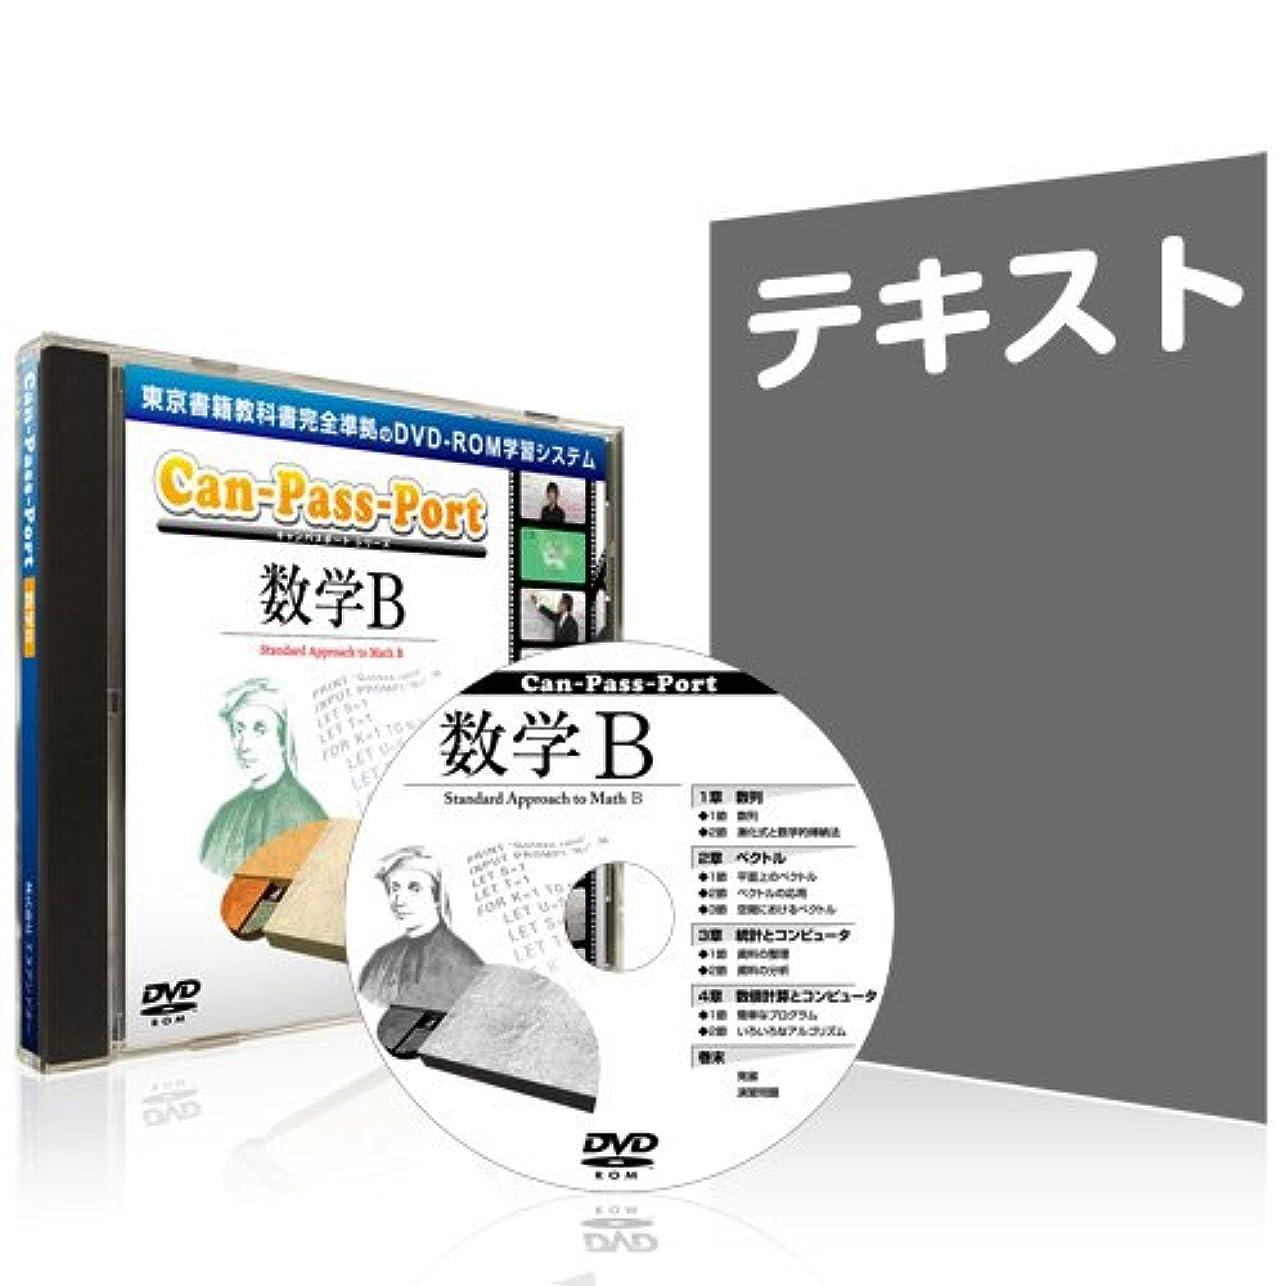 分布才能のある半ば高校 映像 教材 教科書 シリーズ 【Can-Pass-Port 数学B テキストセット】 (DVD-ROM)